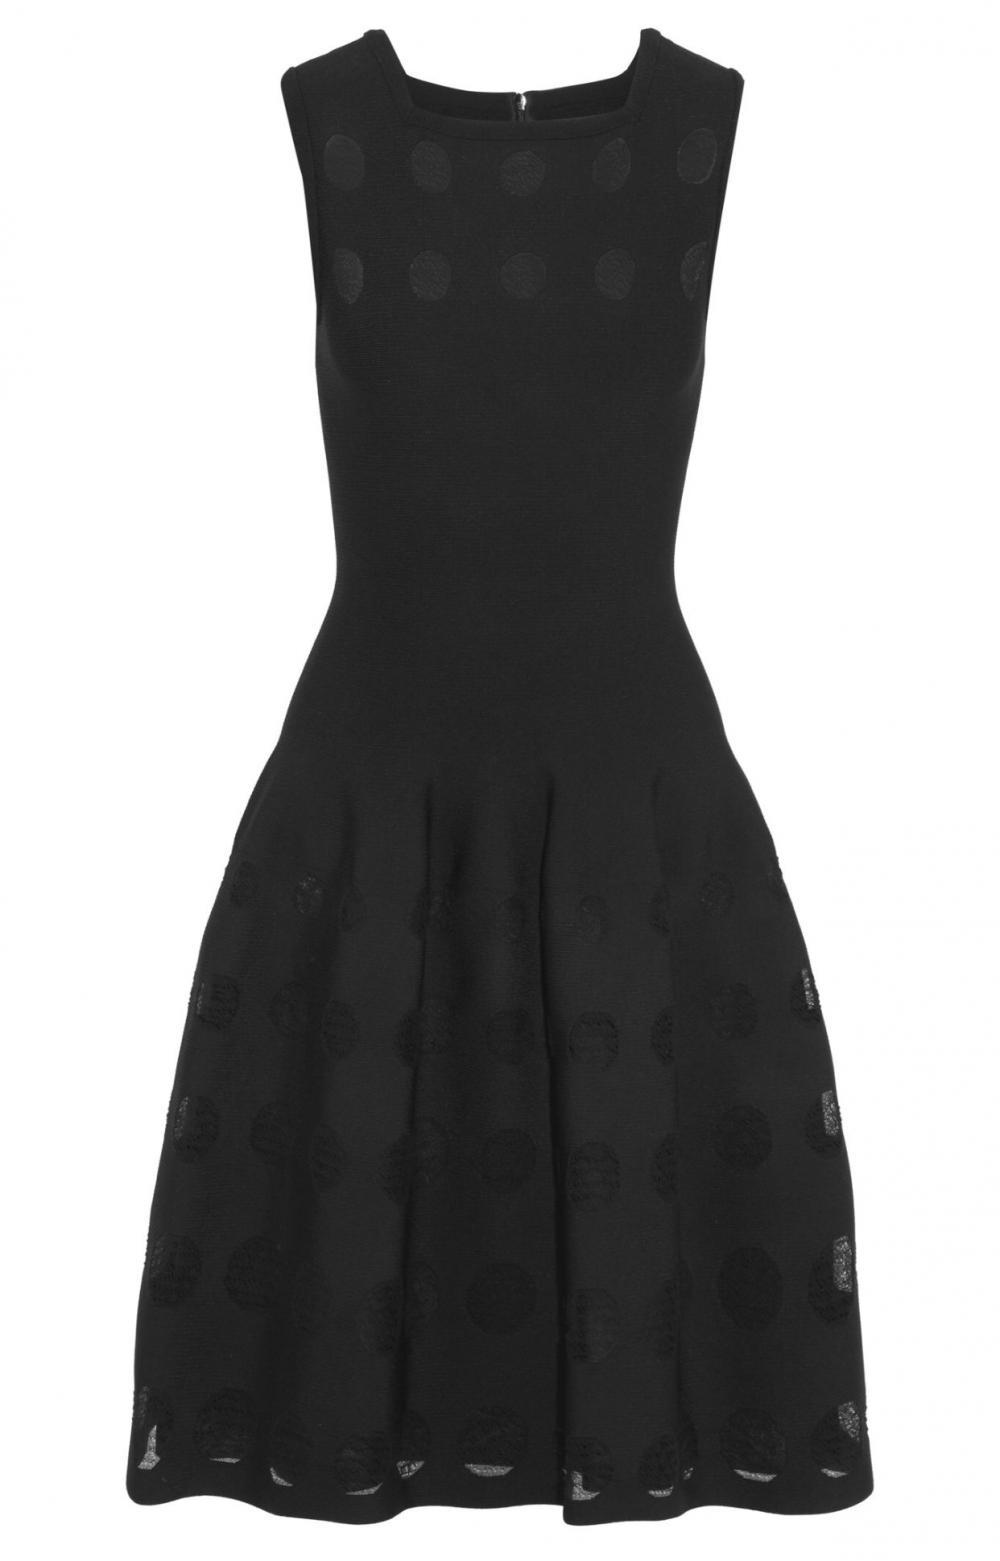 Tipe Dress yang Keren Ini Wajib Dimiliki!